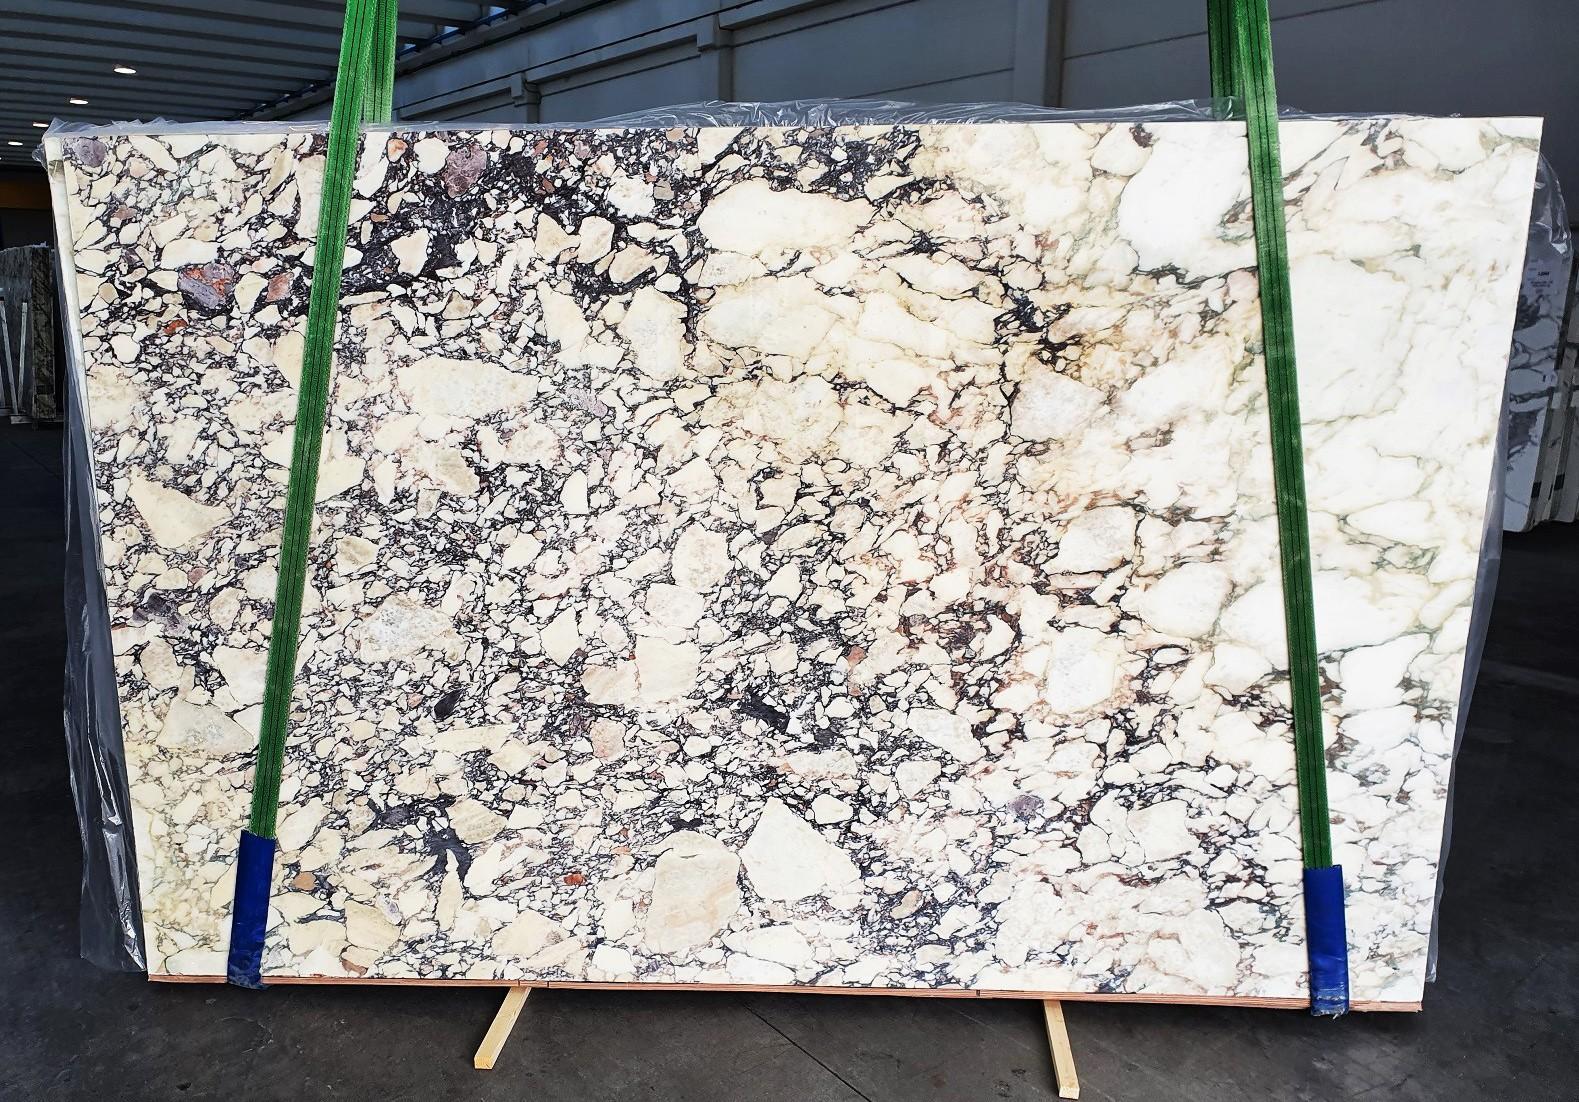 CALACATTA VIOLA Suministro Veneto (Italia) de planchas pulidas en mármol natural 1291 , Slab #26